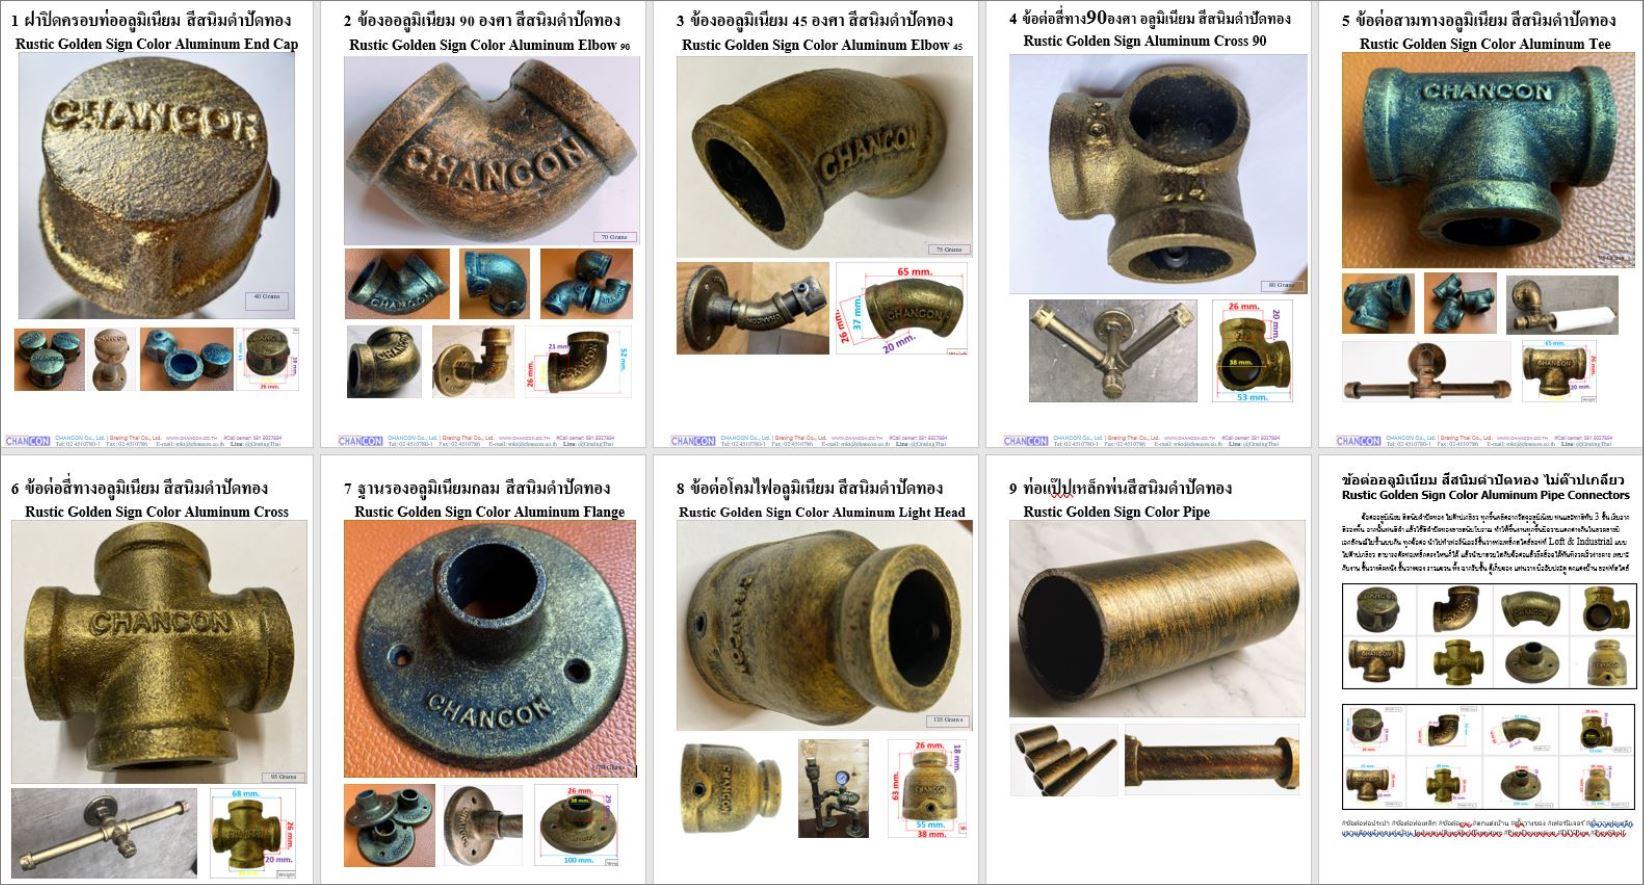 ข้อต่ออลูมิเนียม สีสนิมดำปัดทอง ไม่ต๊าปเกลียว Rustic Golden Sign Color Aluminum Pipe Connectors